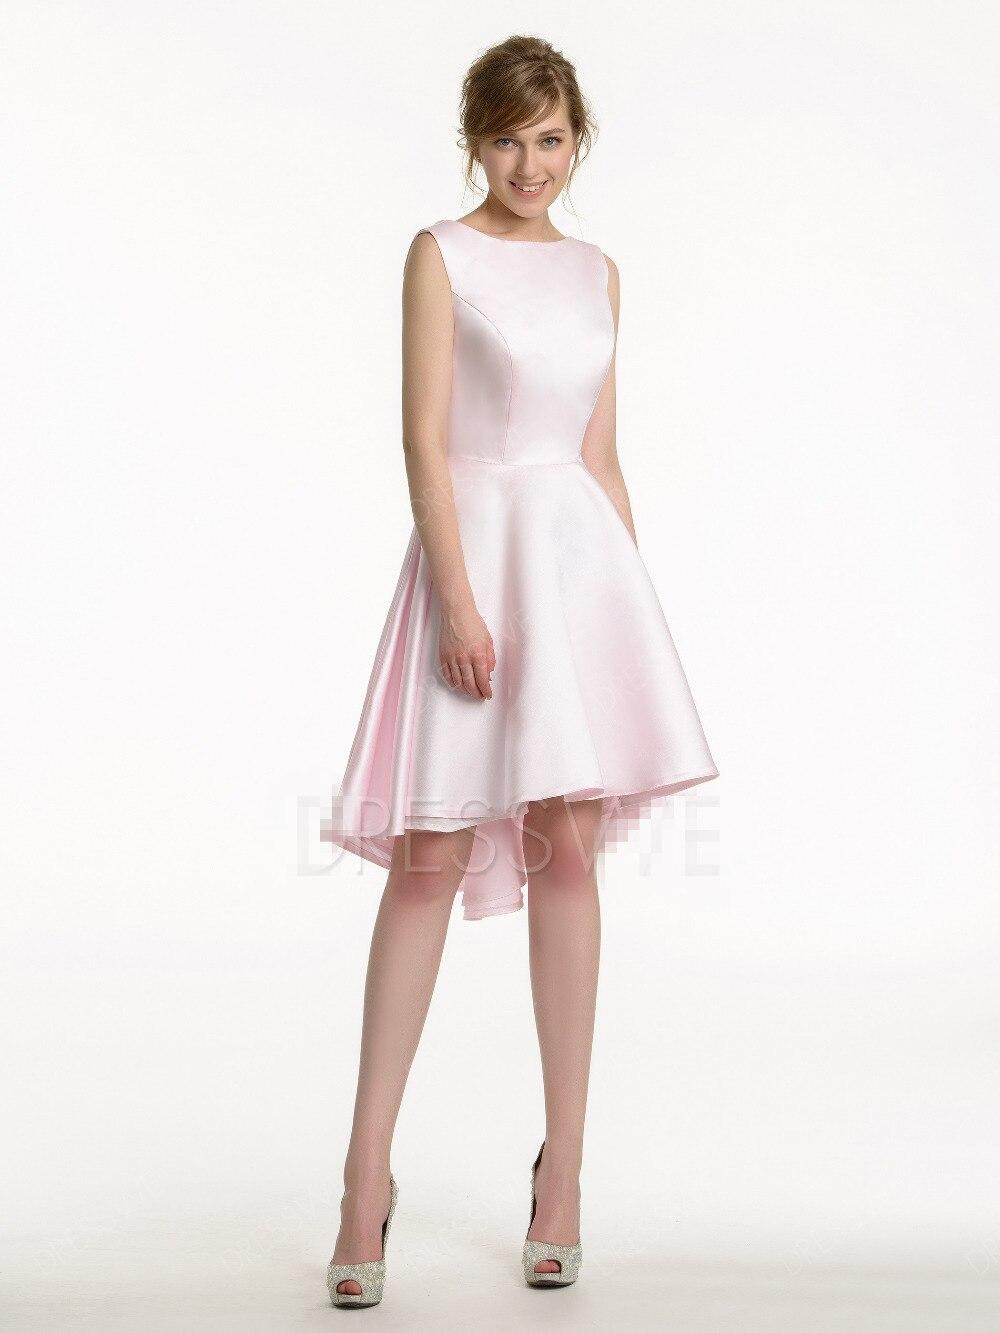 Nett Lila Kleid Für Brautjungfer Ideen - Brautkleider Ideen ...